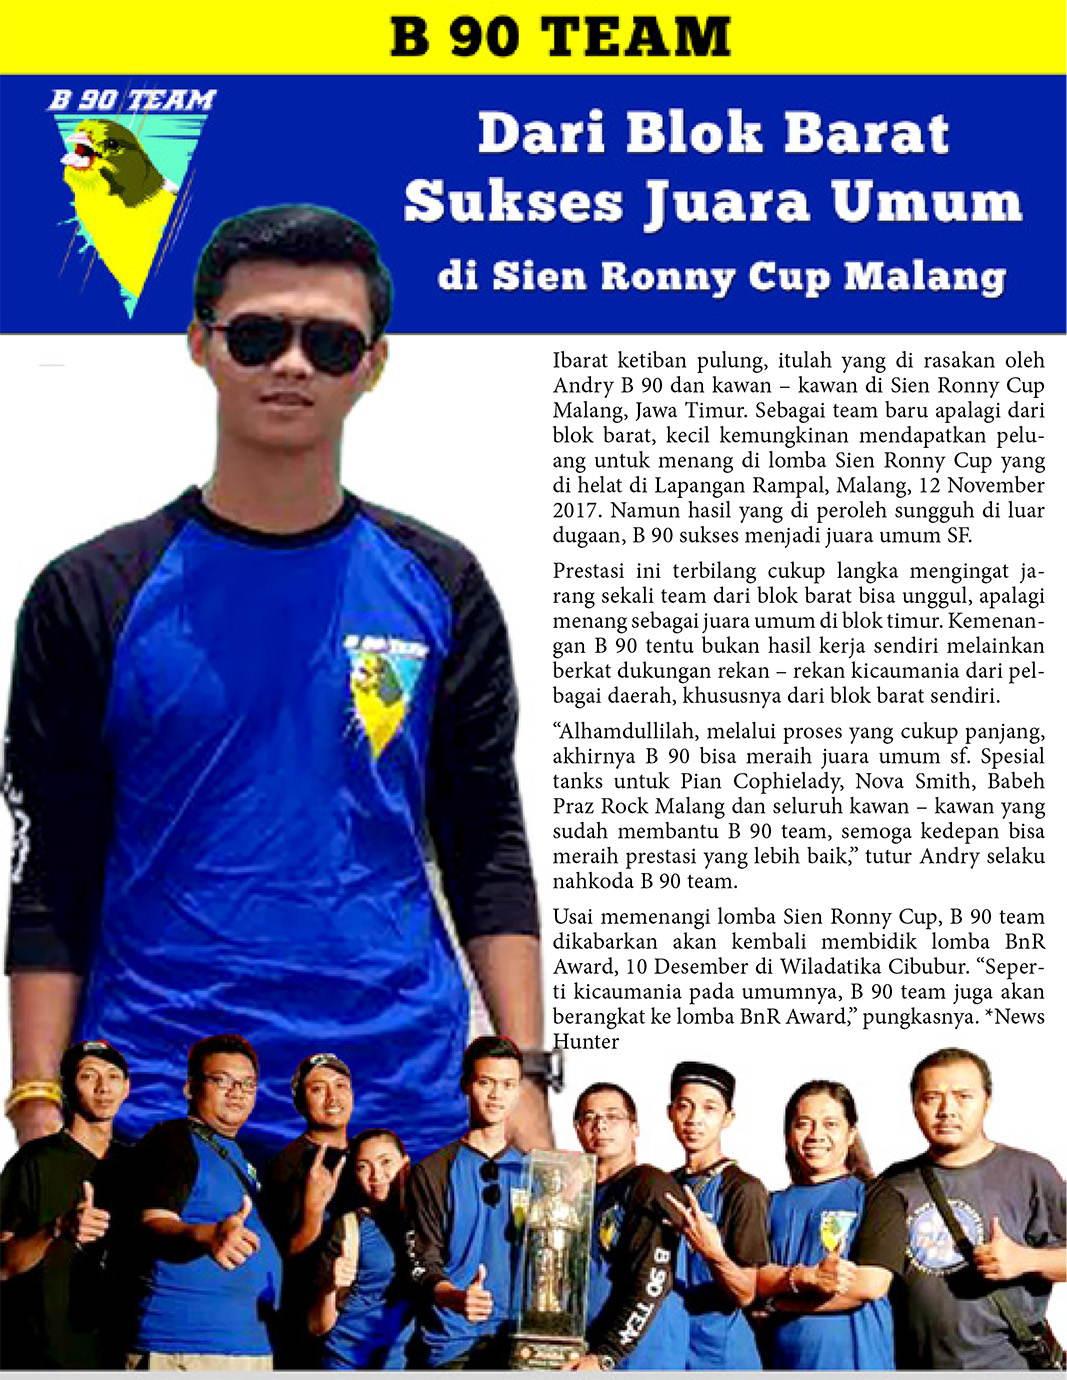 B 90 Team : Dari Blok Barat Sukses Juara Umum di Sien Ronny Cup – Malang